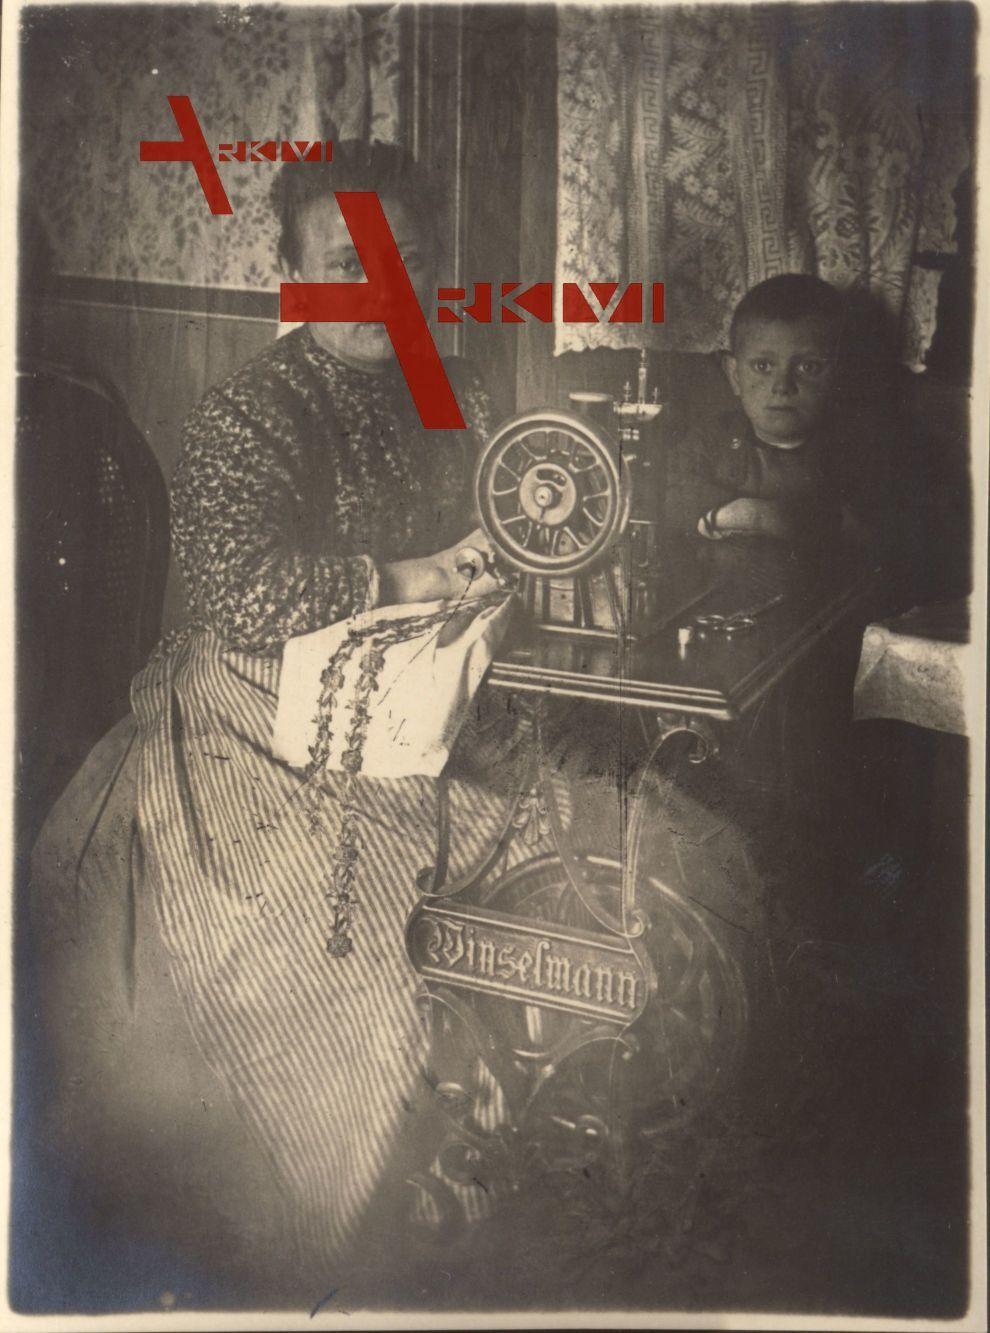 Historisches Foto einer Frau an einer Winselmann Nähmaschine um 1920